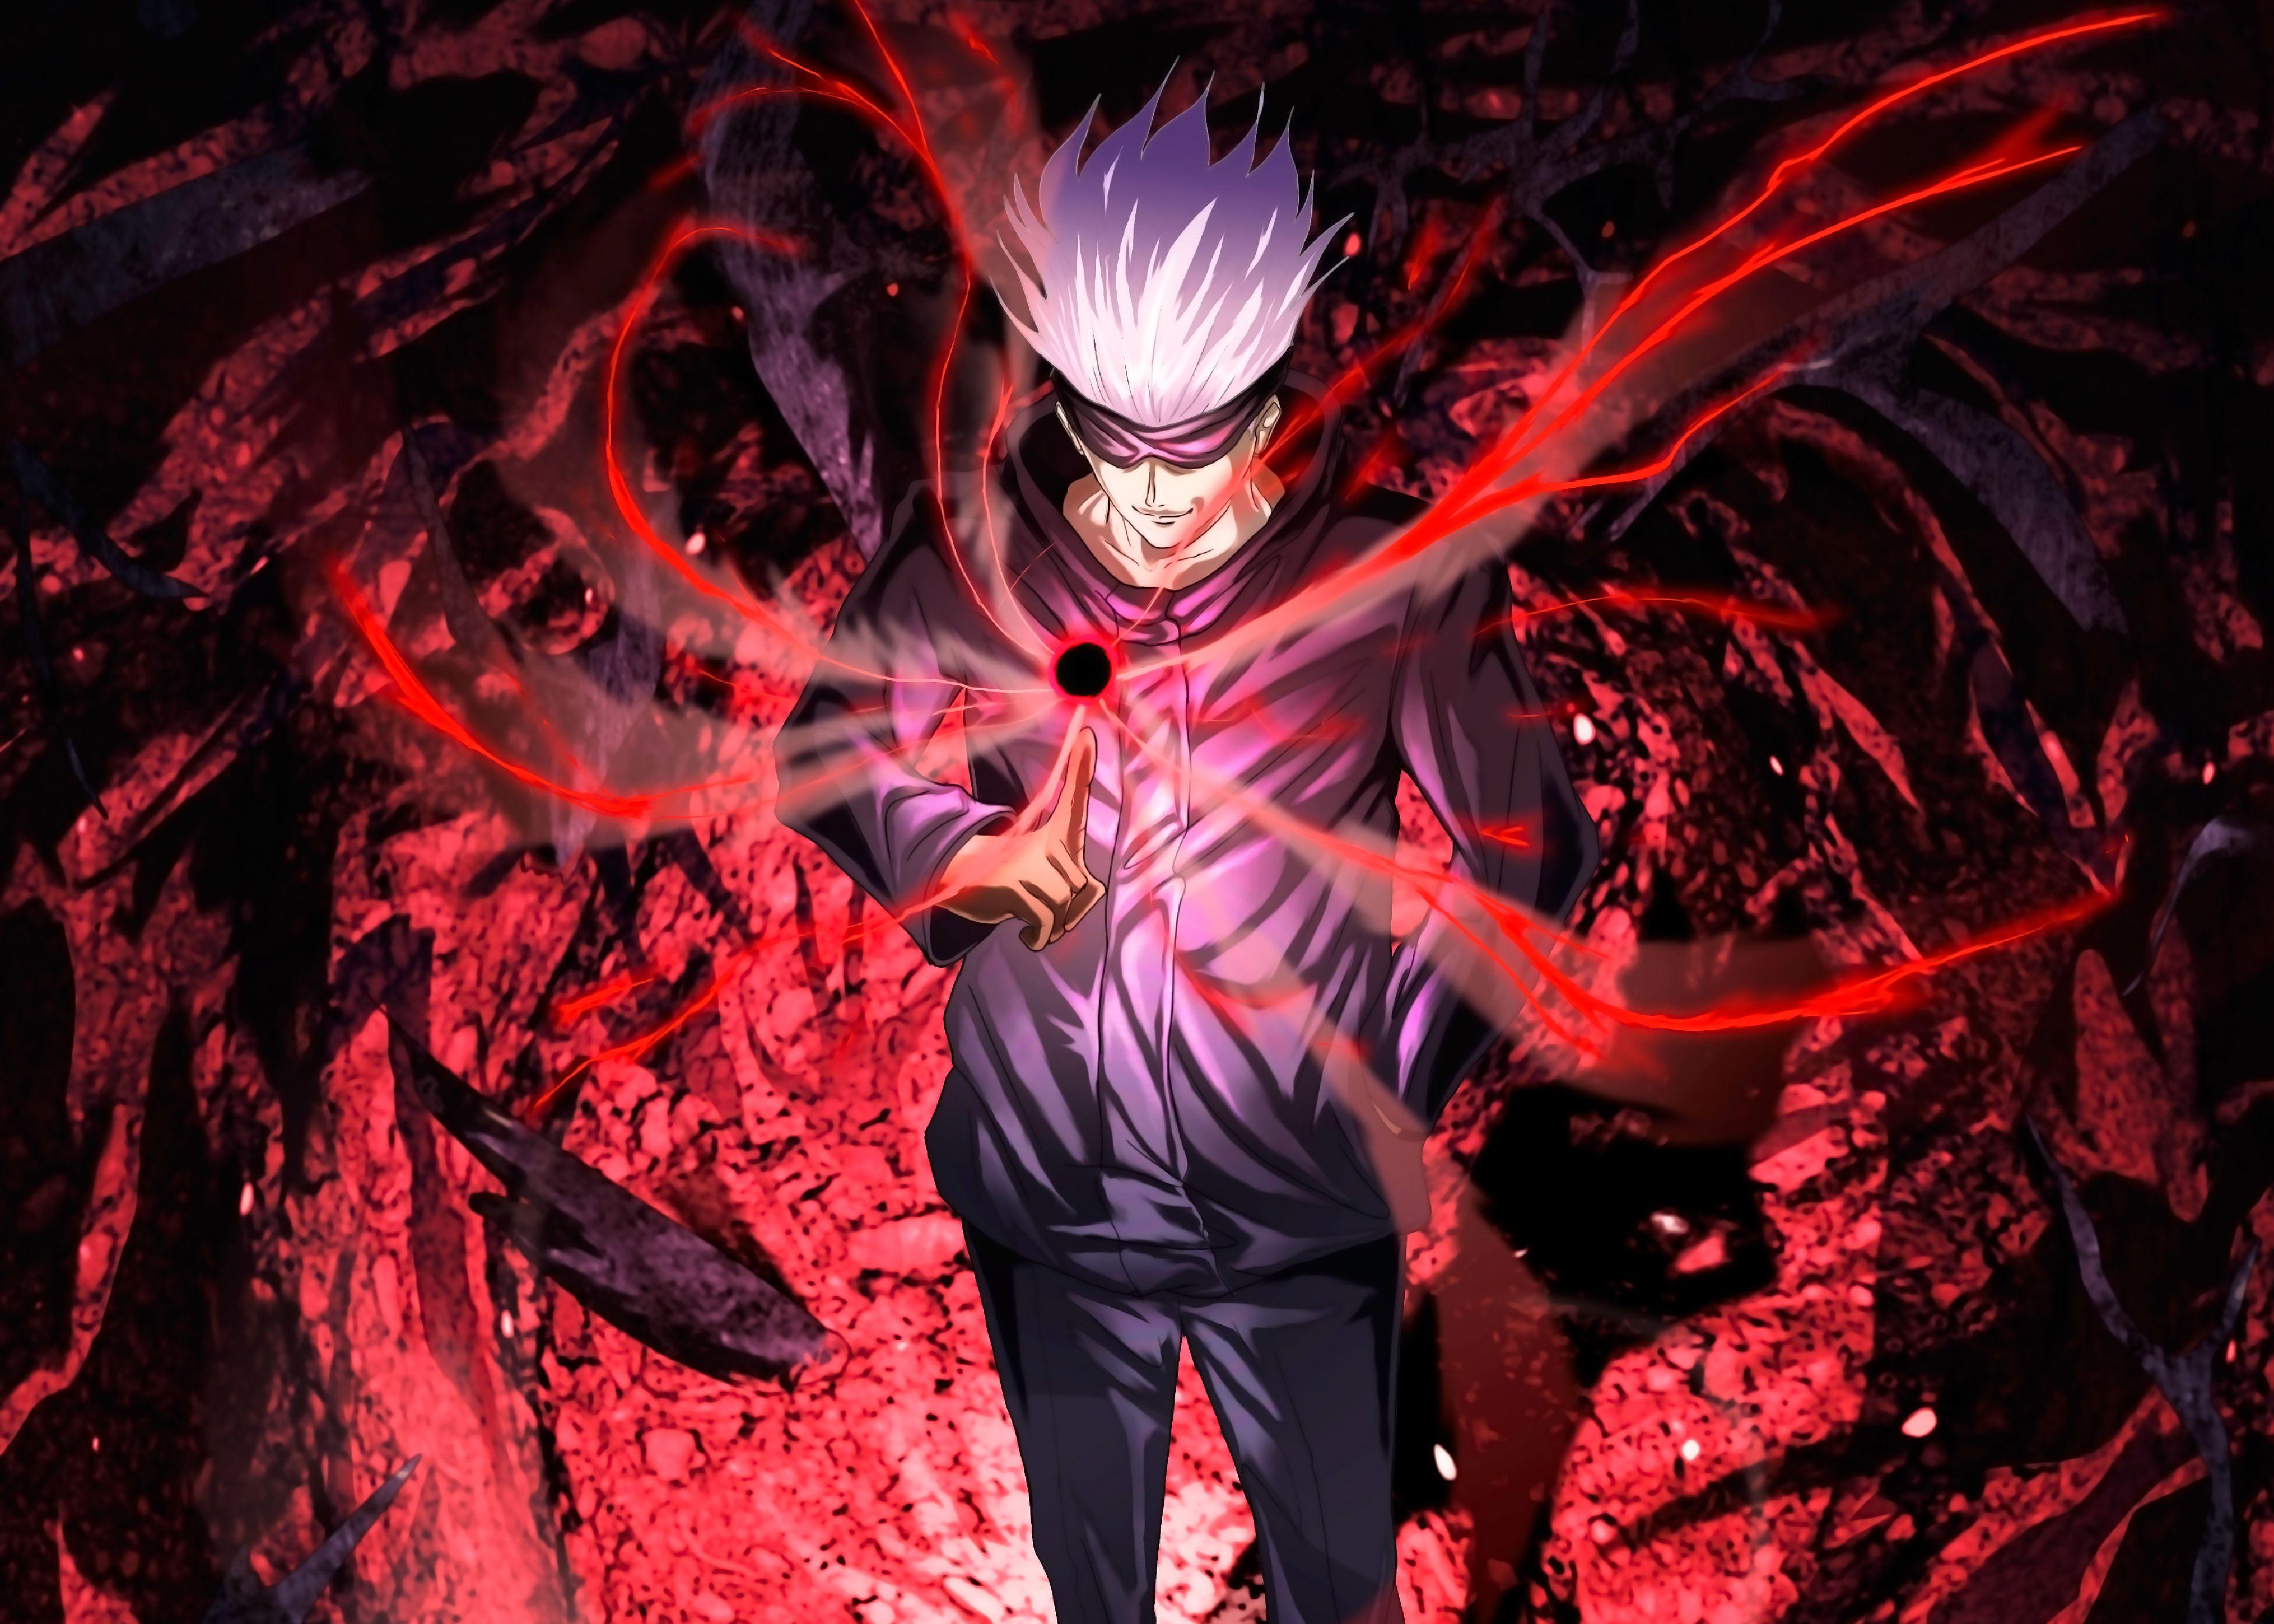 Jujutsu Kaisen Gojo Canvas Print By Terpres In 2021 Jujutsu Anime Anime Wallpaper